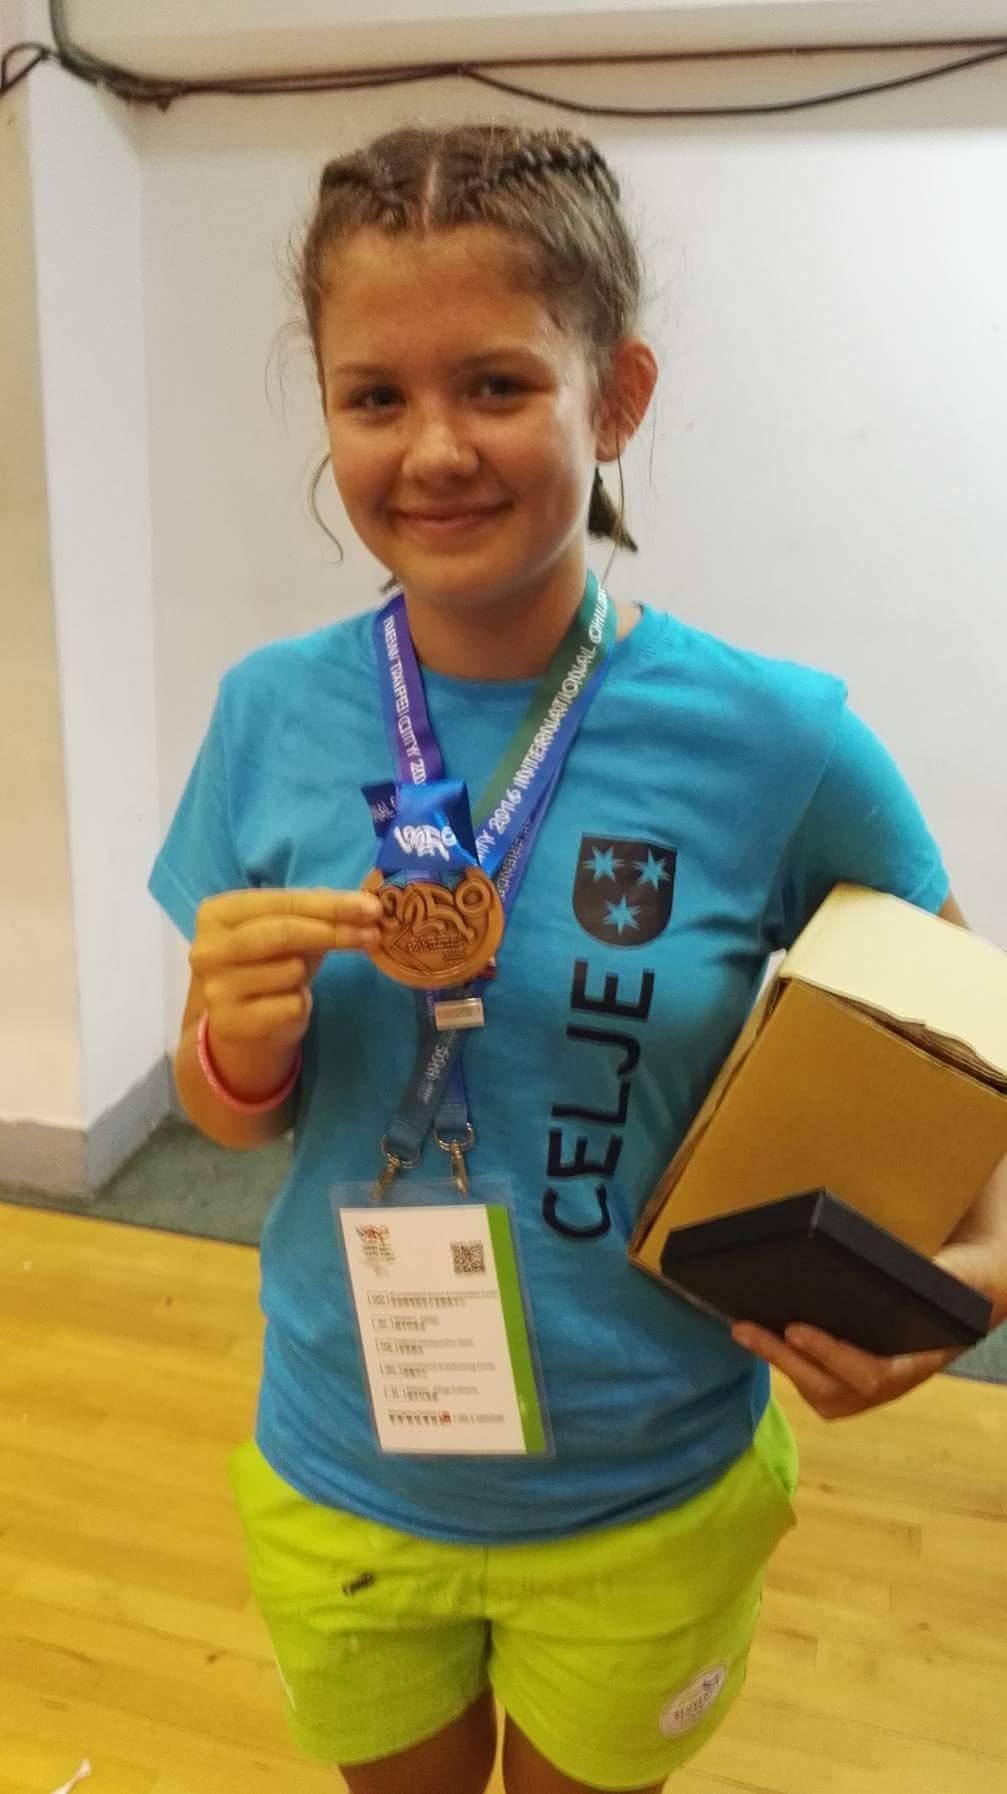 Ana Vornšek – ja medalje sem vesela saj je to zame neprecenljiva izkušnja. Vesela sem, da je bila ob meni trenerka Tamara Ibrić, ki nas je motivirala za nastop.